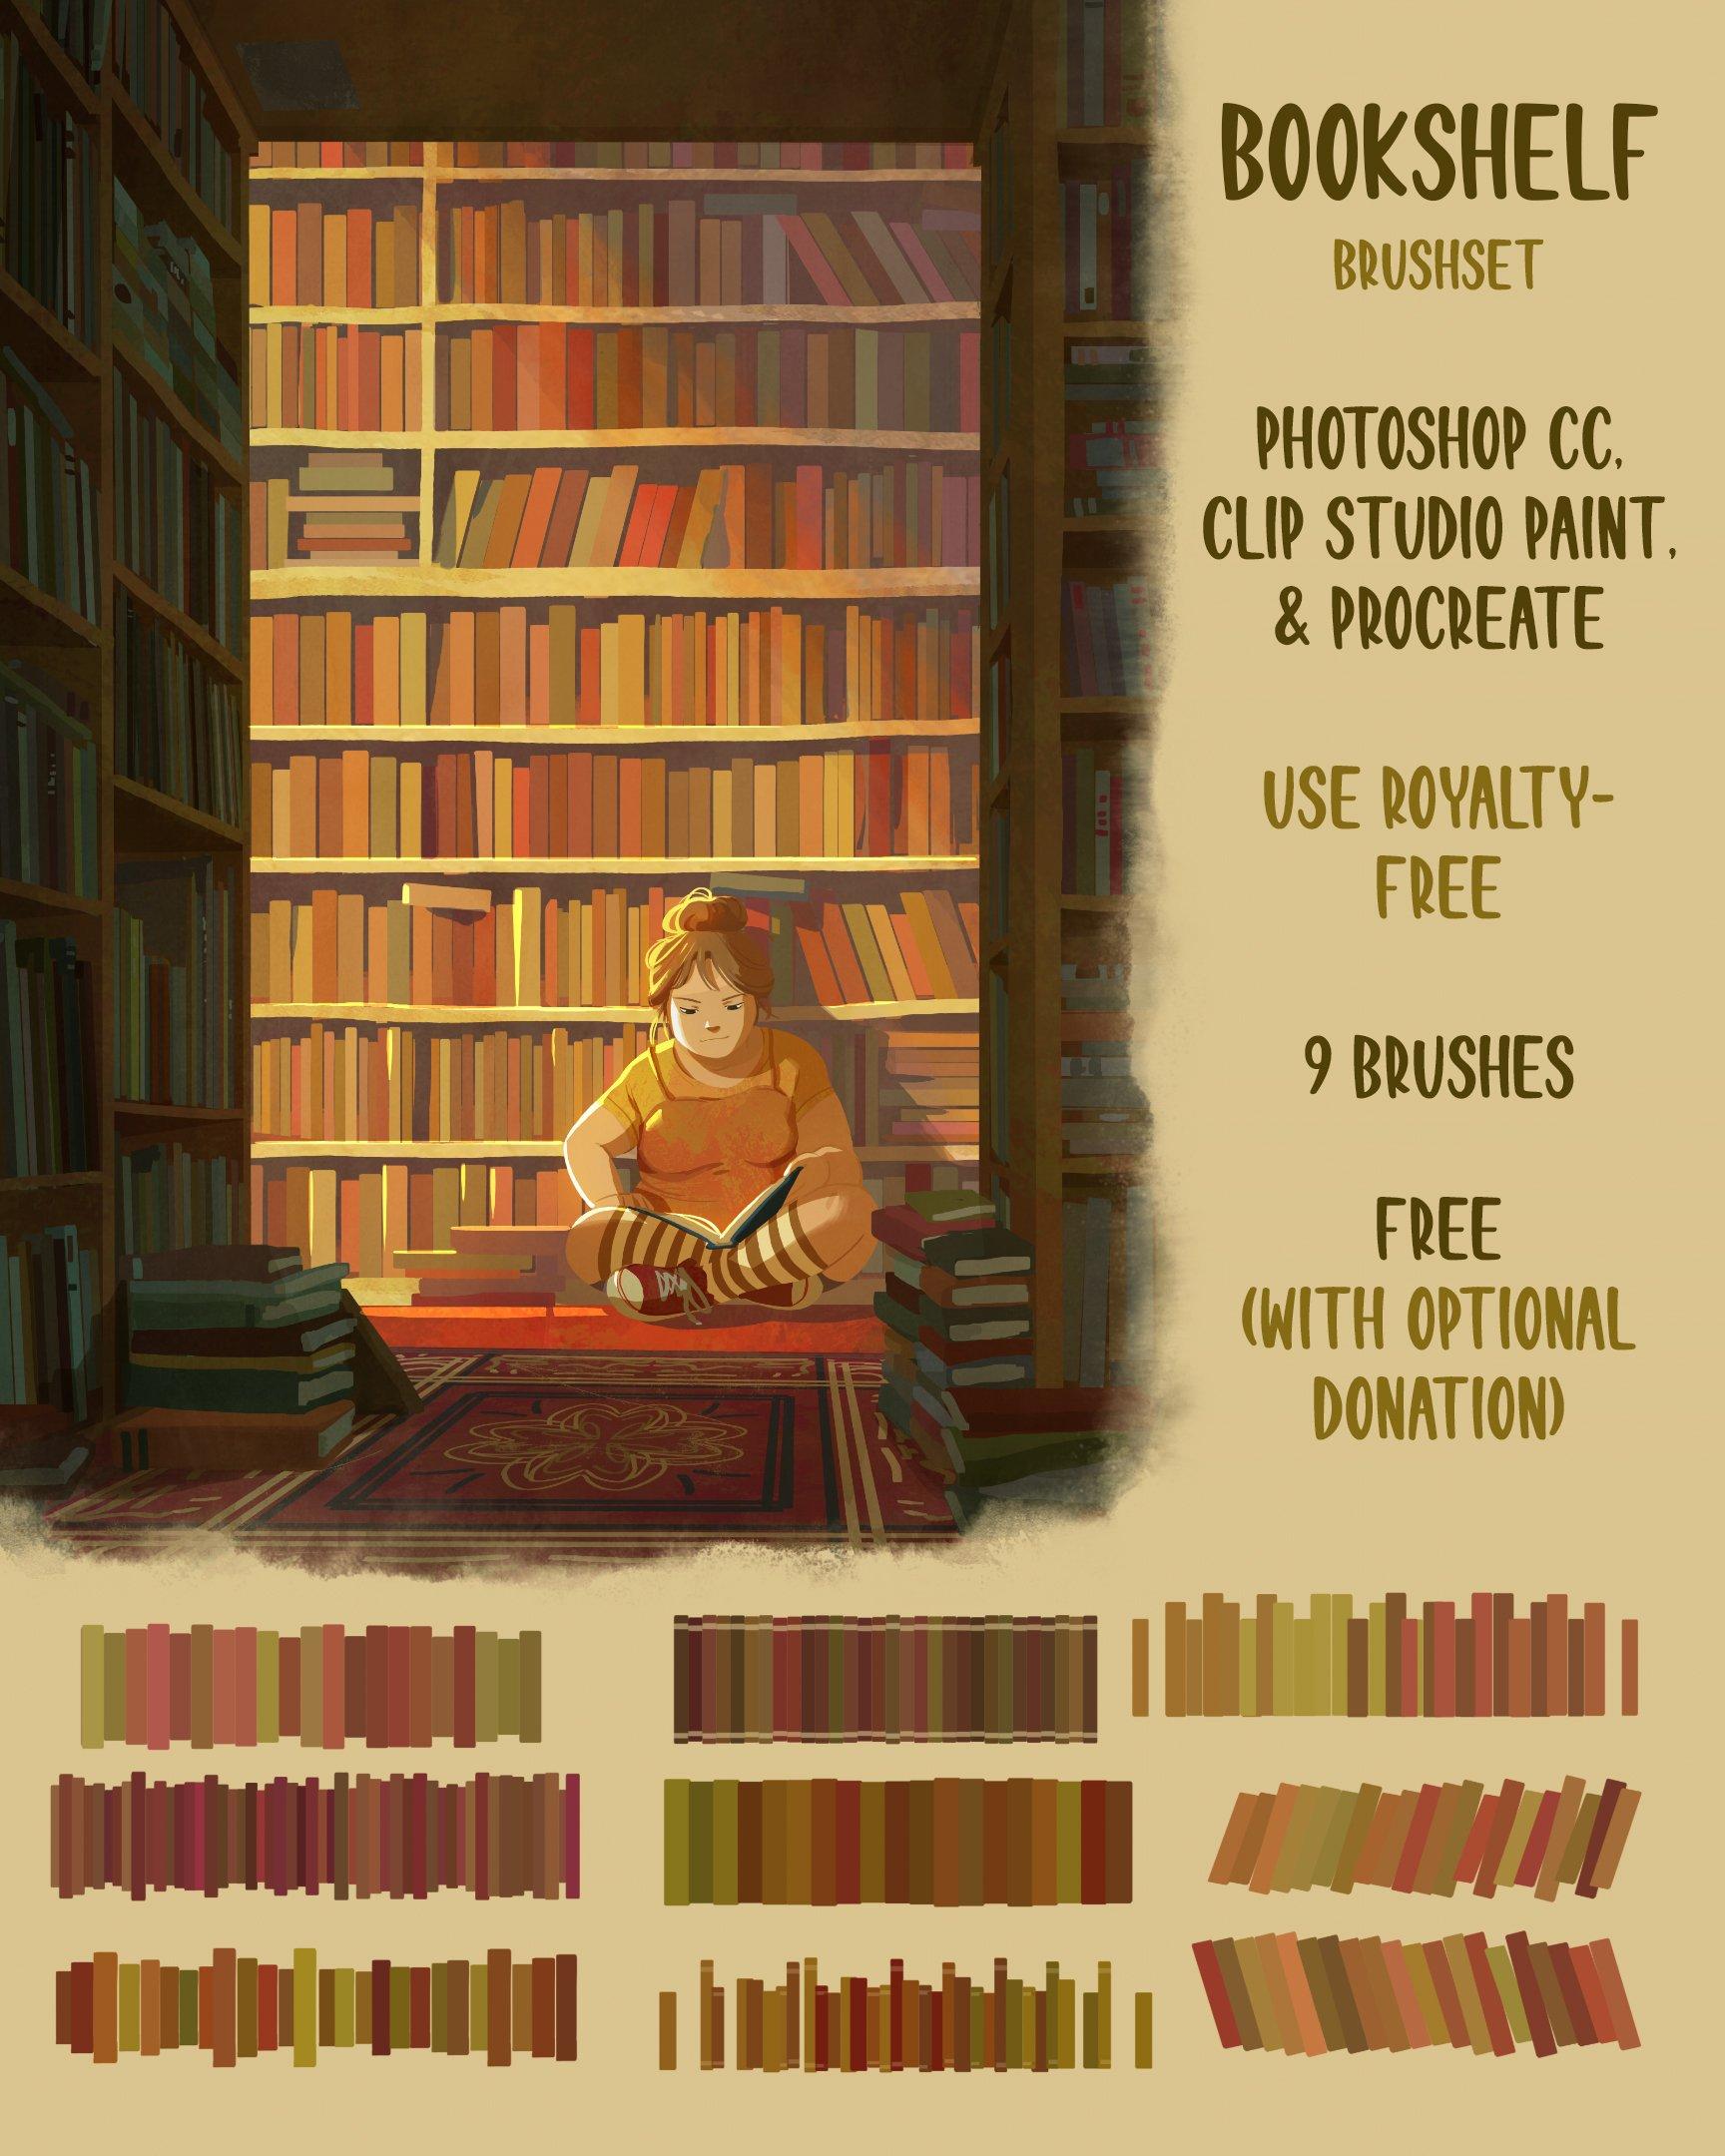 Bookshelf Brushset (Photoshop, CSP, Procreate)